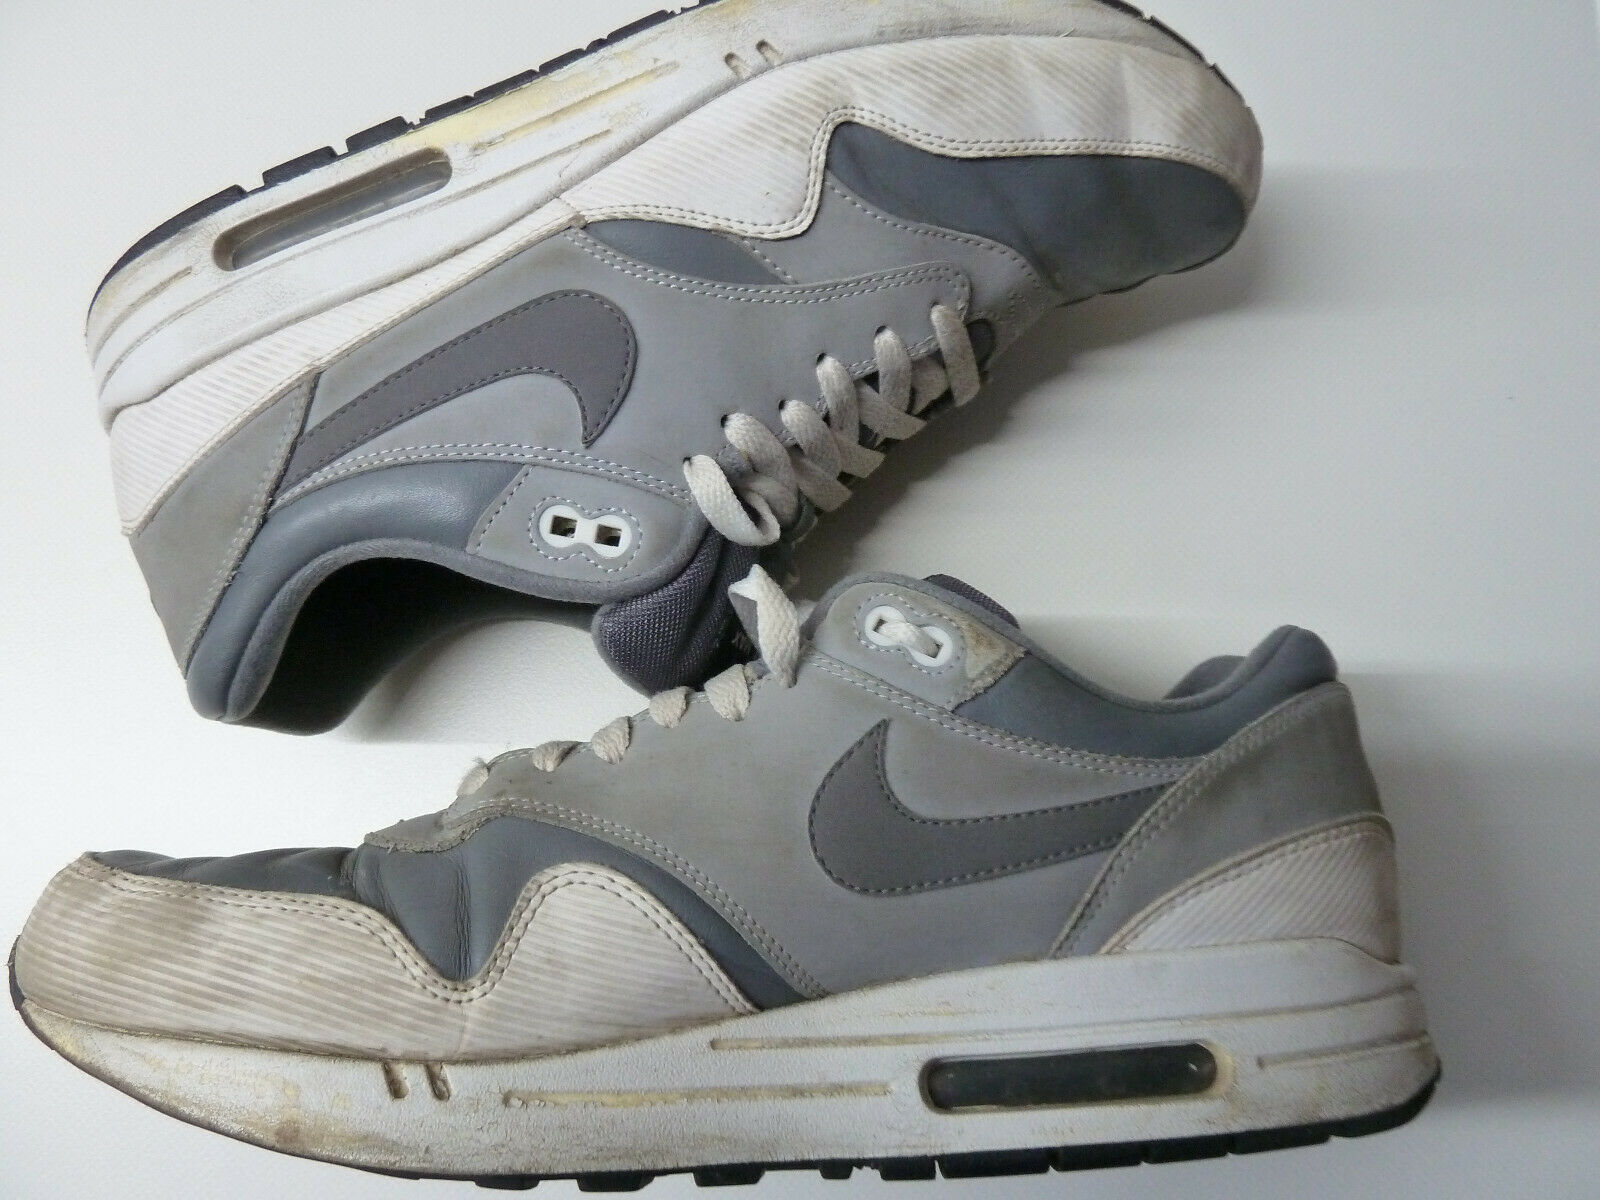 Beste Qualität Nike Air MAX Herren sportschuhe gr 45,5 US 11